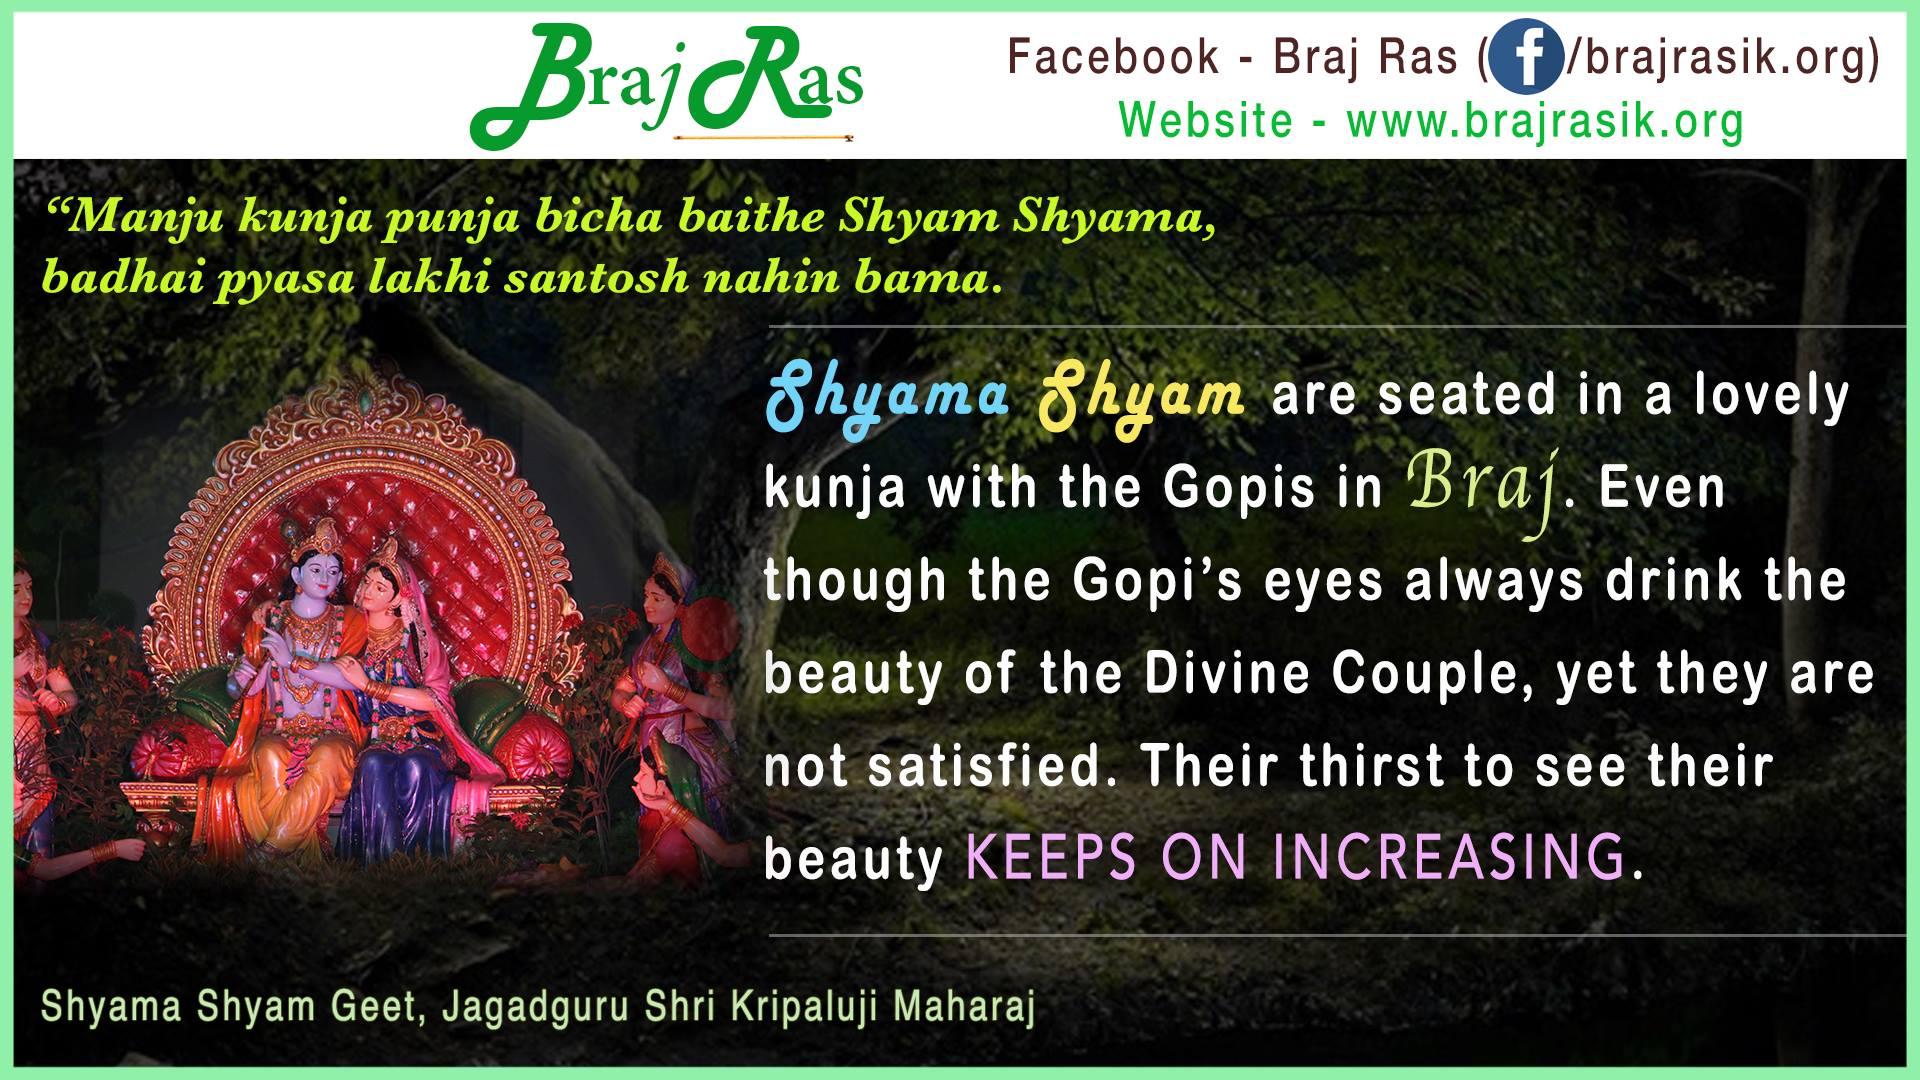 """""""Manju kunja punja bicha baithe Shyam Shyama"""" -Shyama Shyam Geet, Jagadguru Shri Kripaluji Maharaj"""